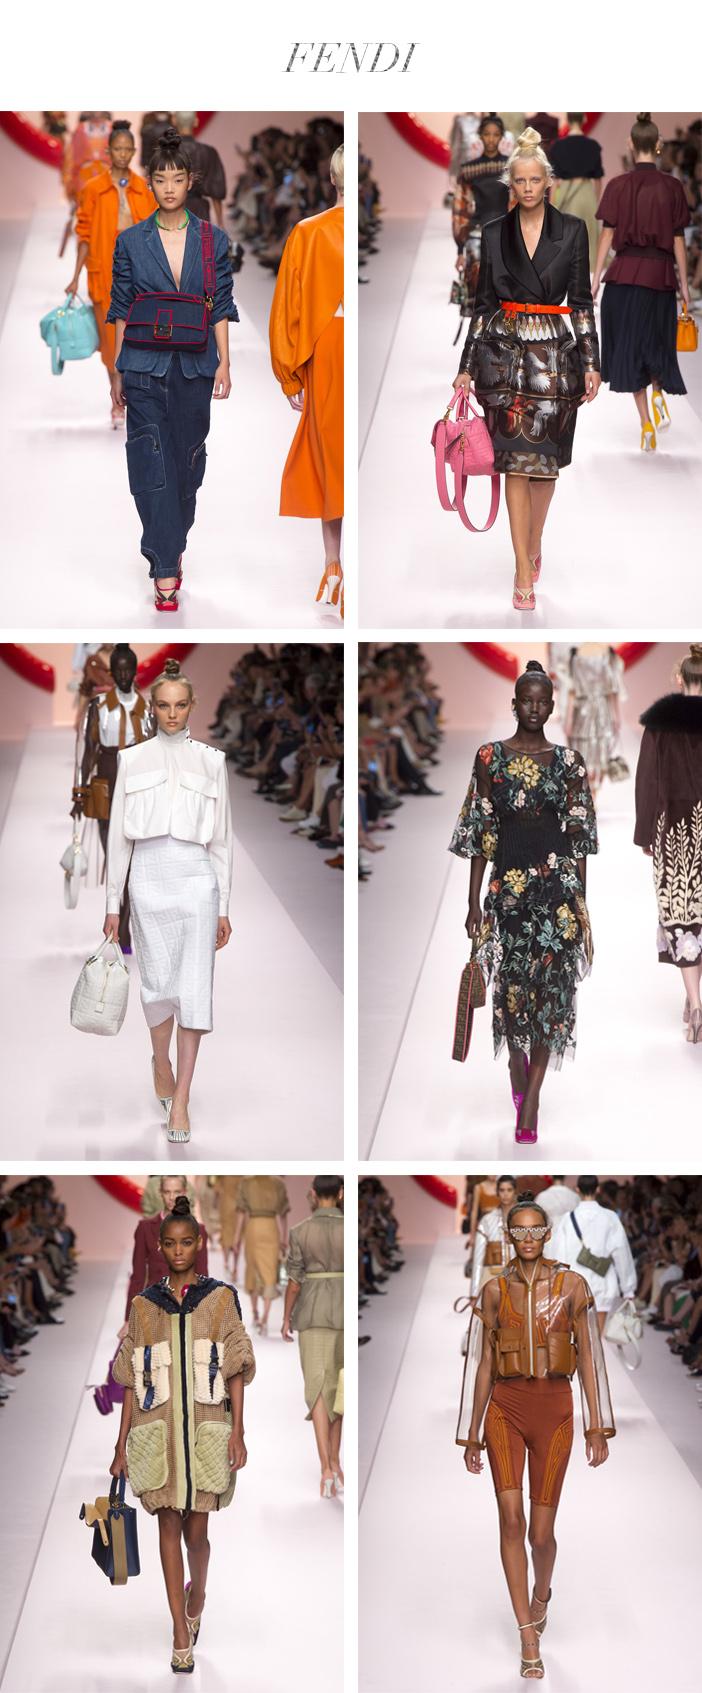 Semana de Moda de Milão - Verão 2019 - Fendi